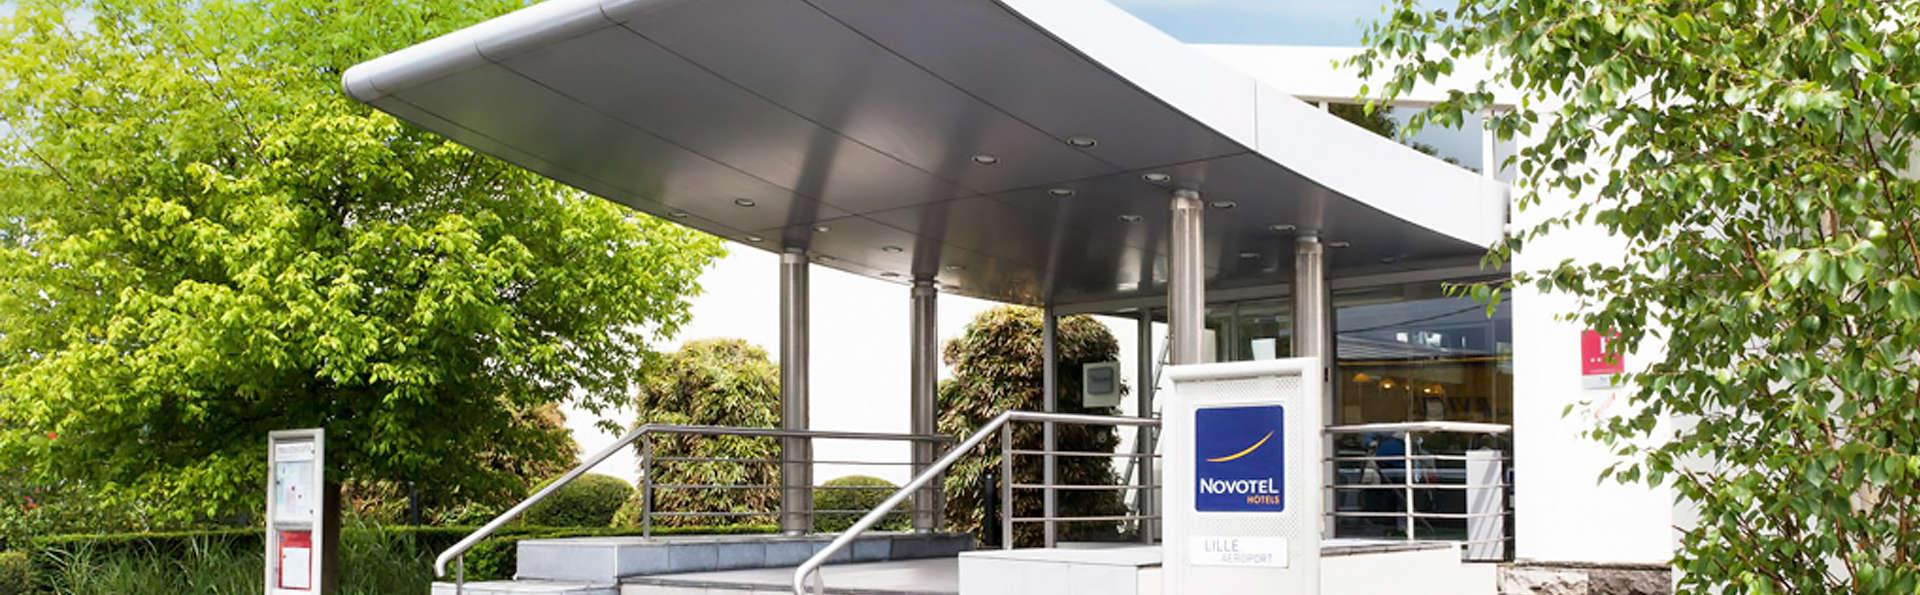 Novotel Lille Aéroport - edit_front2.jpg